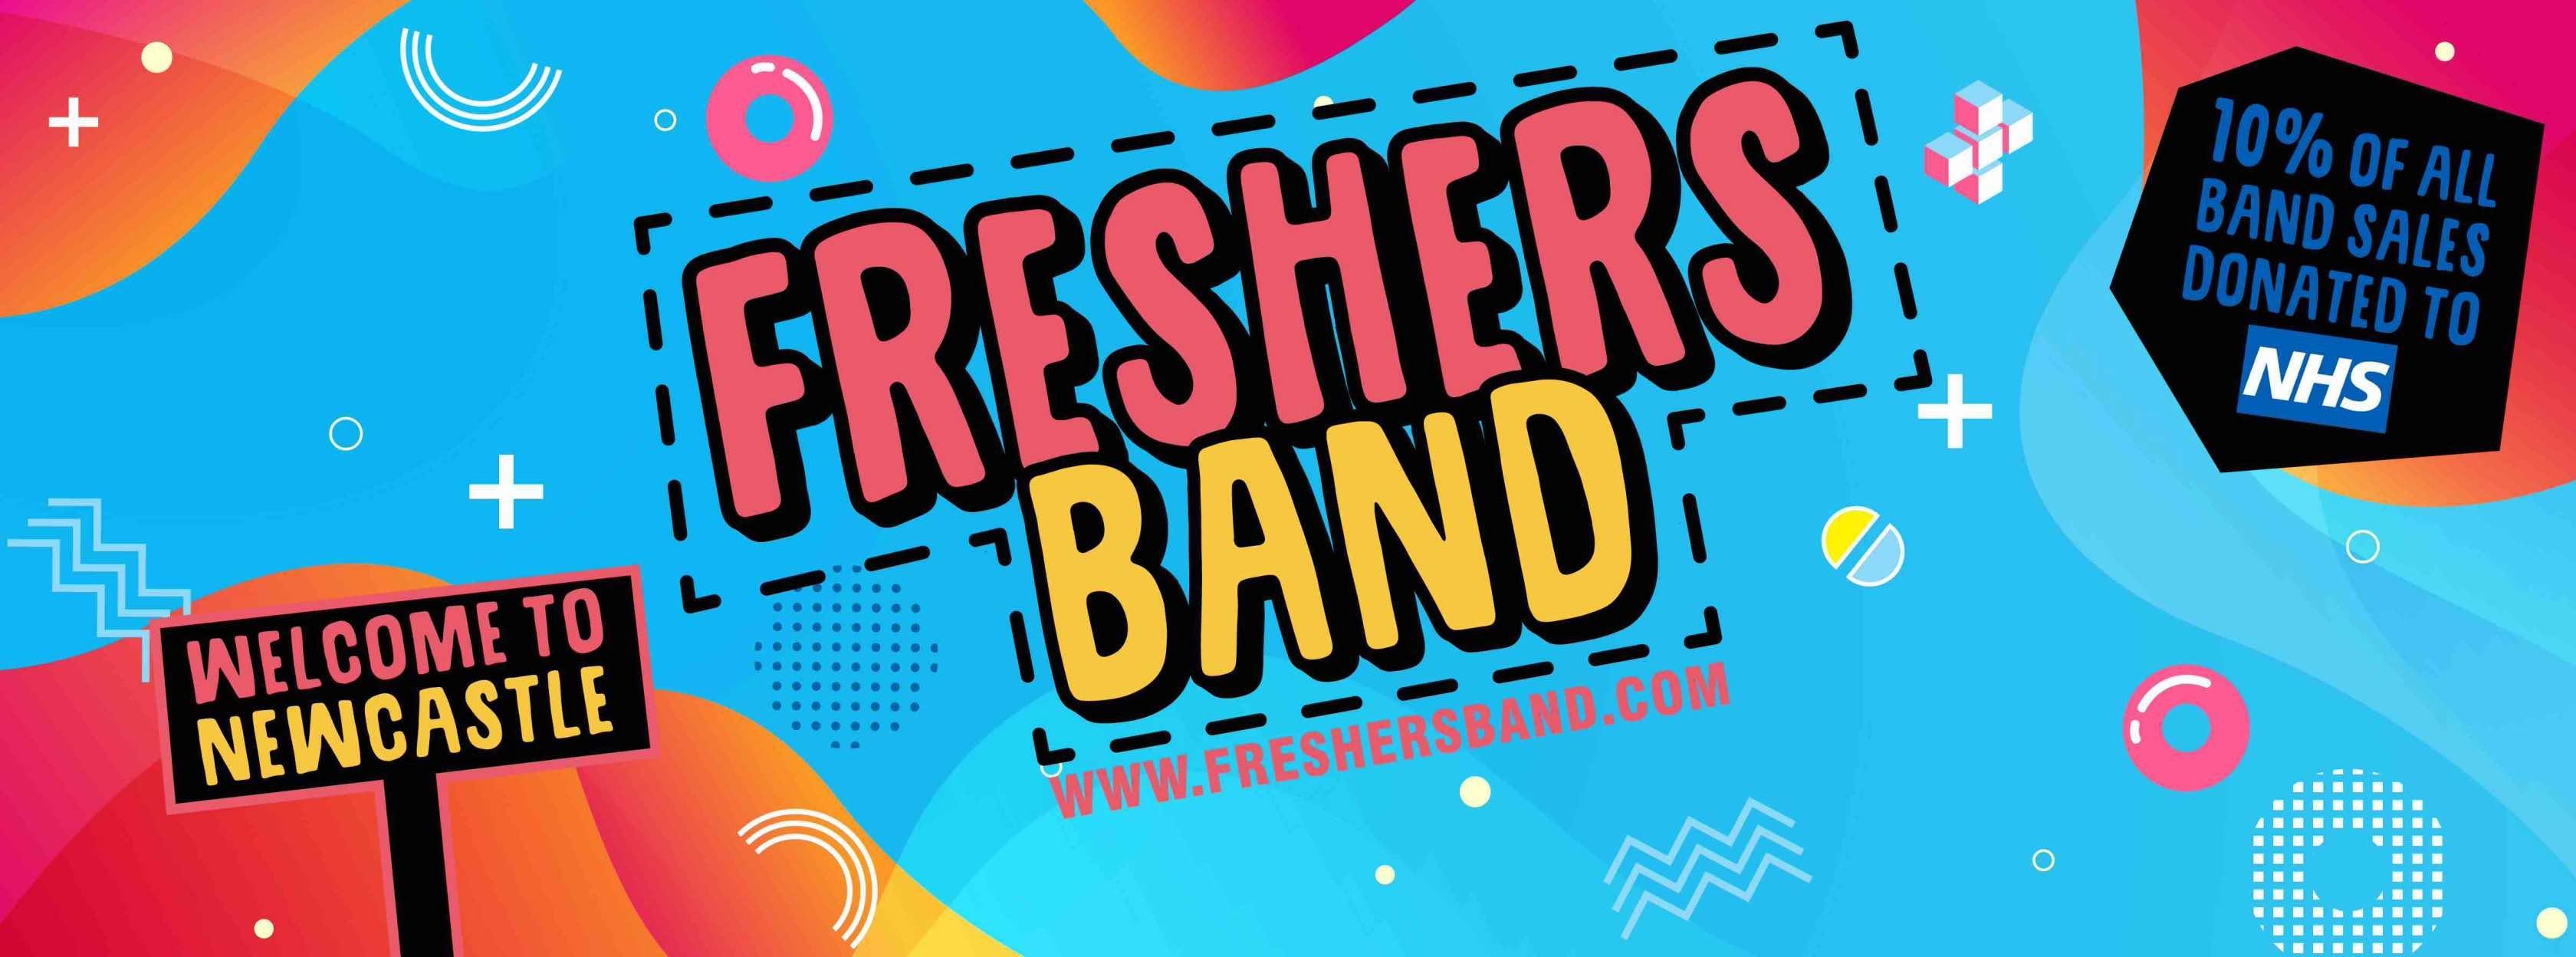 Freshers Band